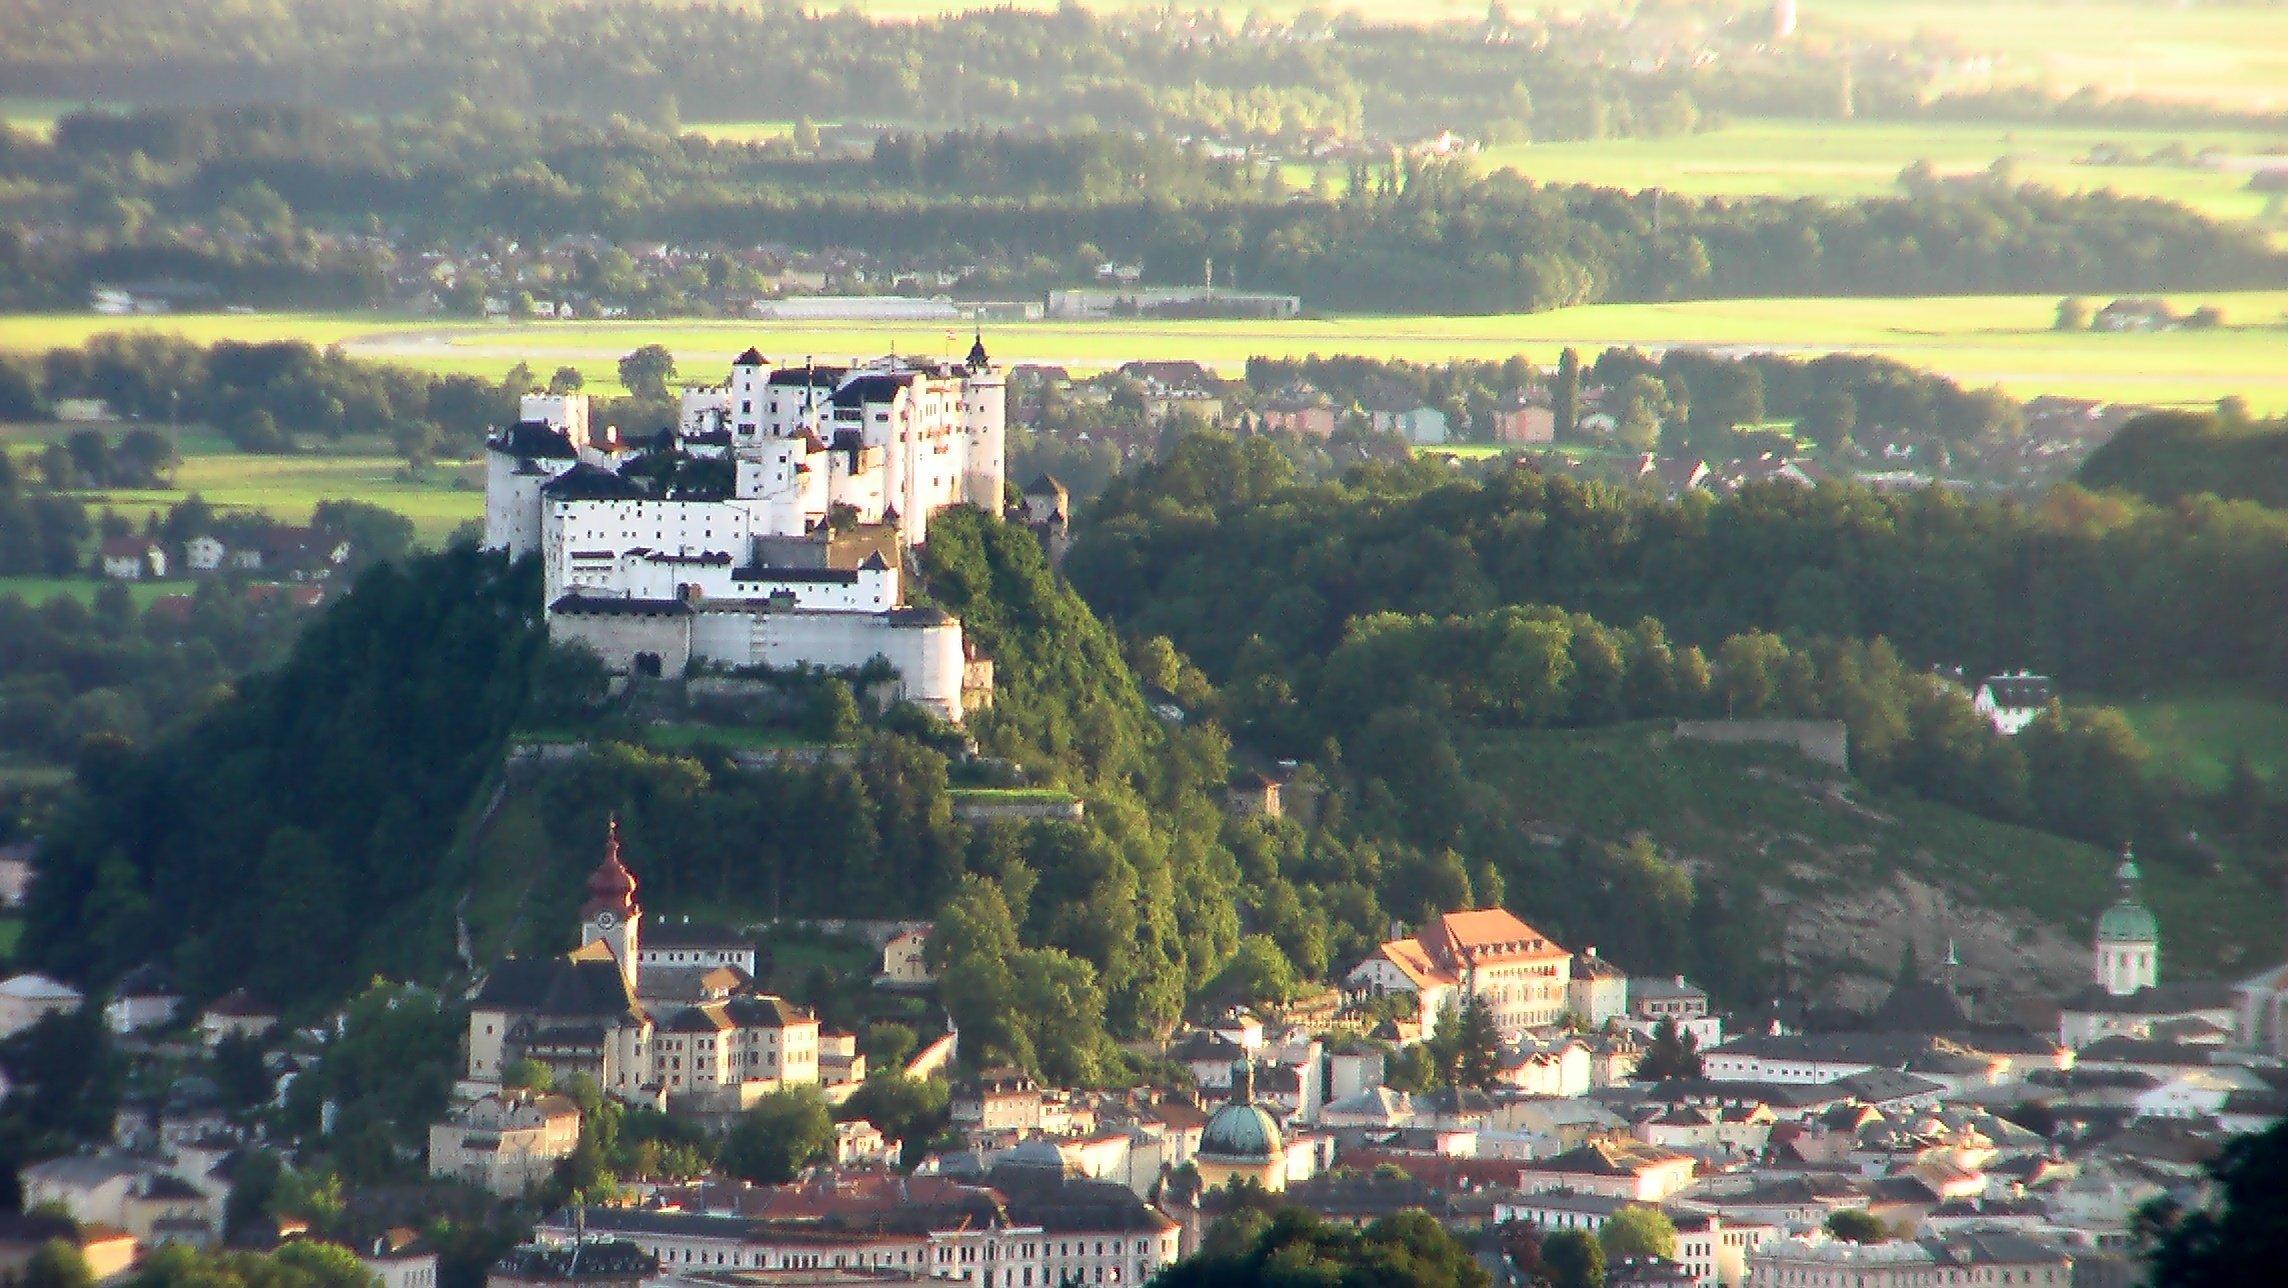 السفر الى سالزبورغ، الاكثر مناسبة في فصل الشتاء 34879641